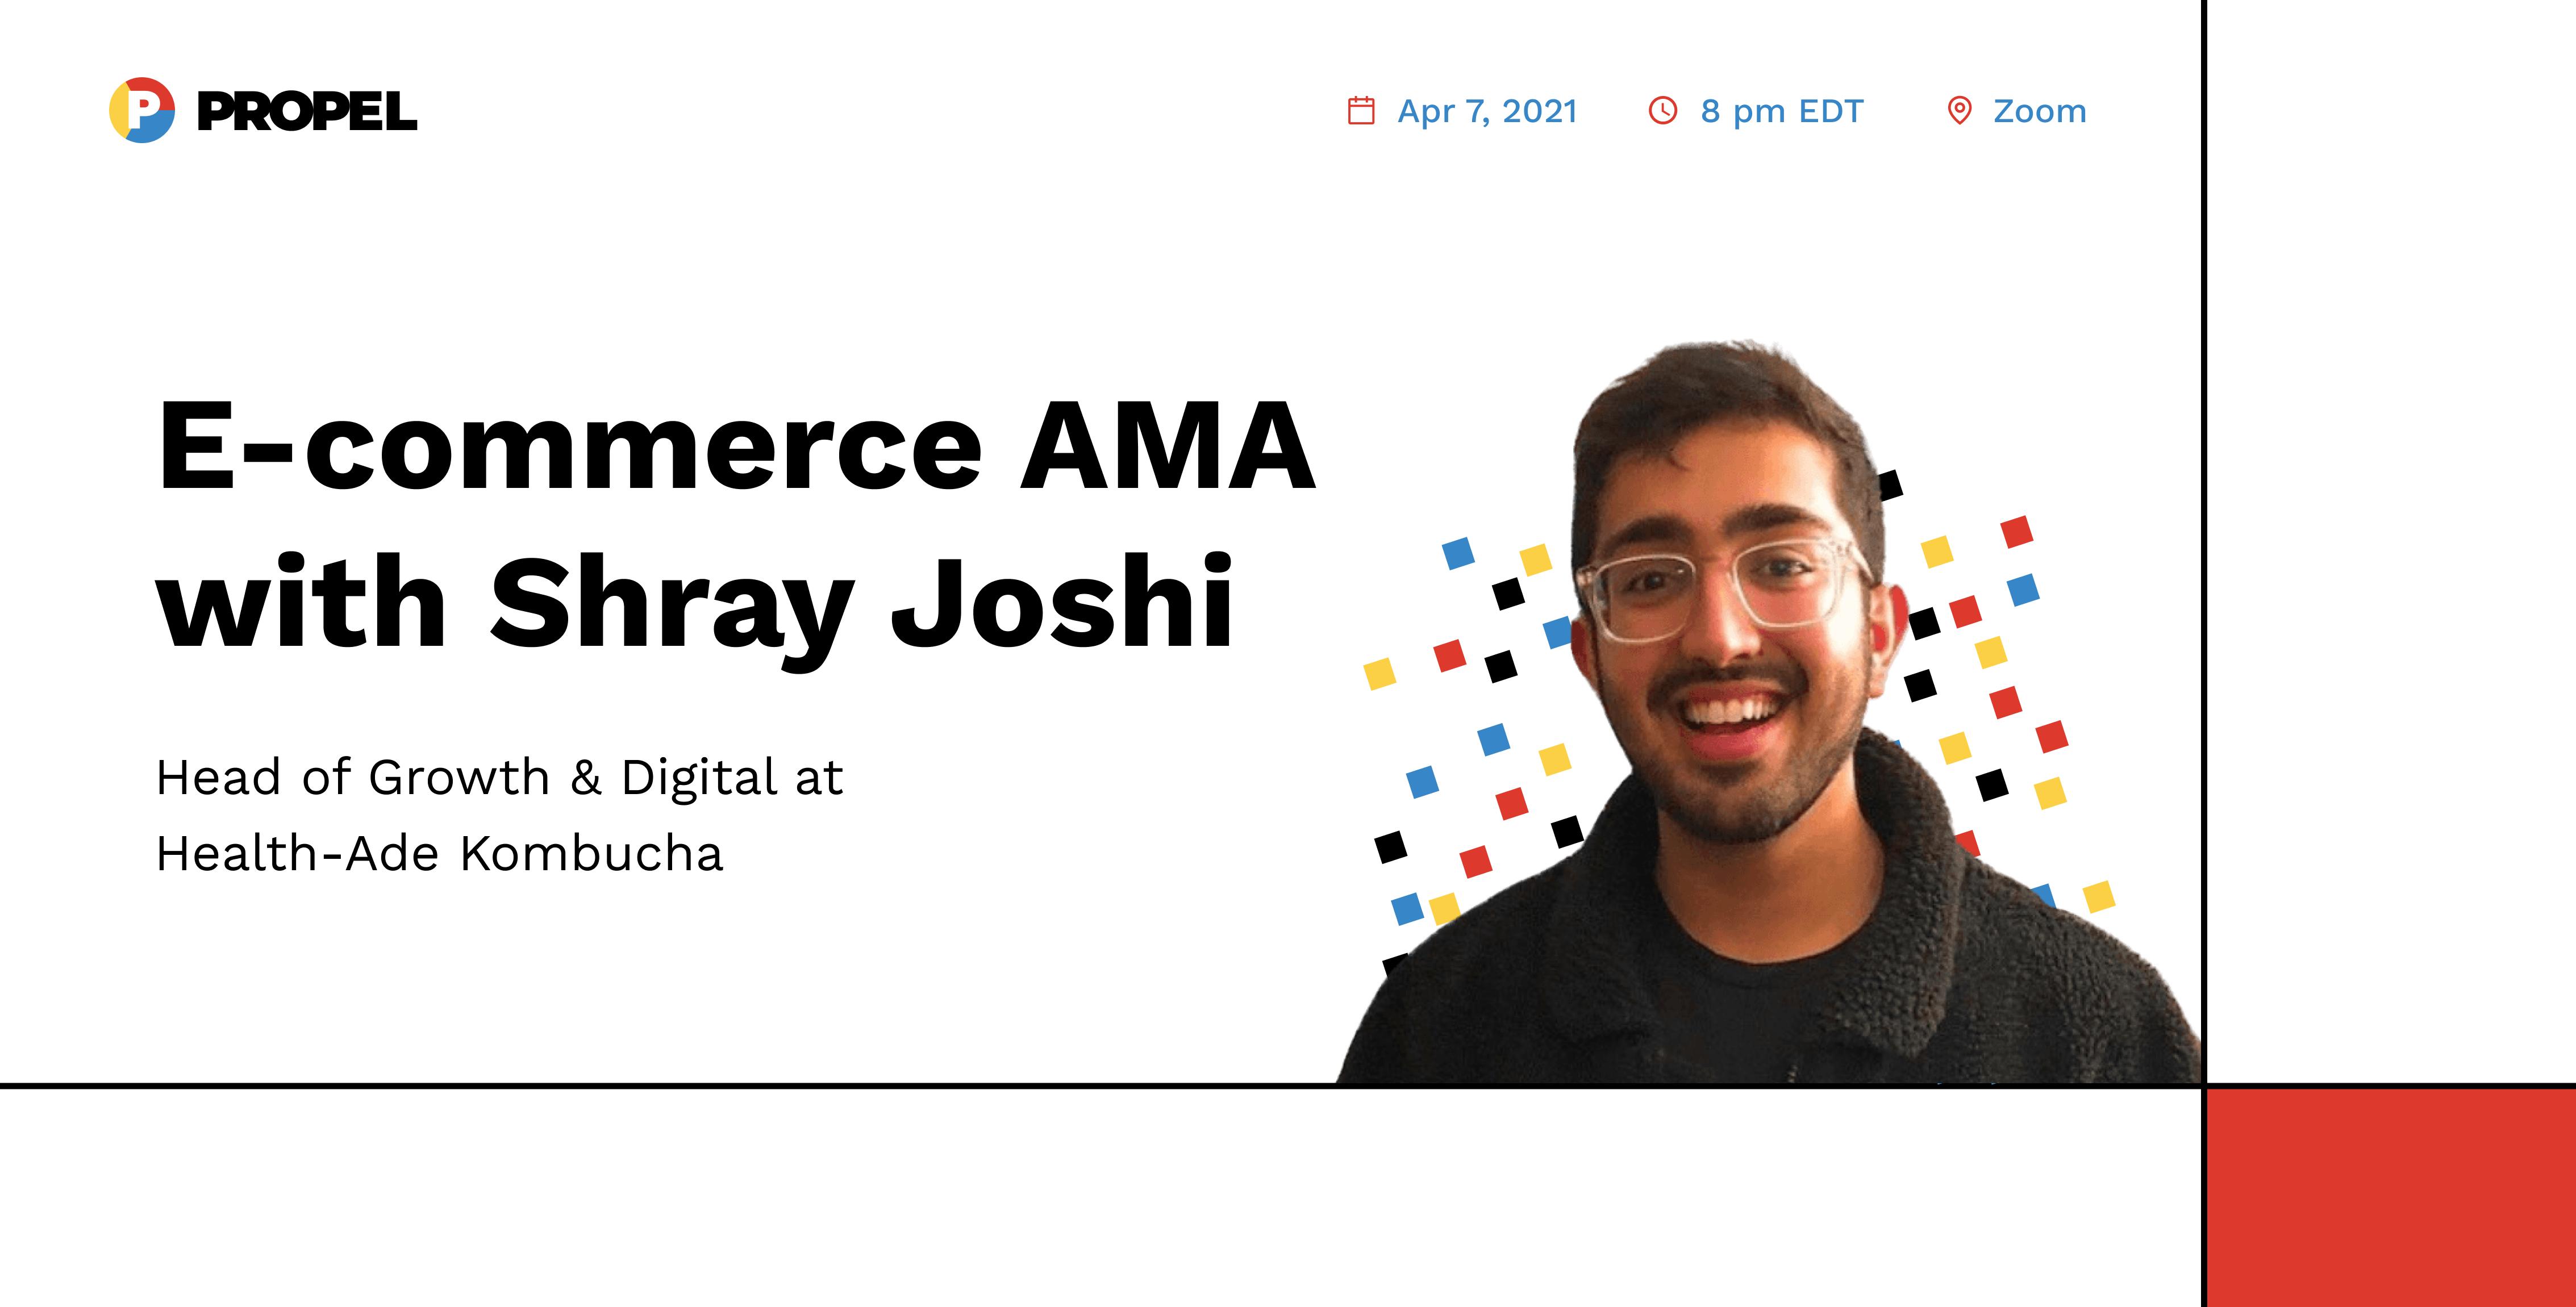 E-commerce AMA with Shray Joshi, Head of Growth & Digital at Health-Ade Kombucha